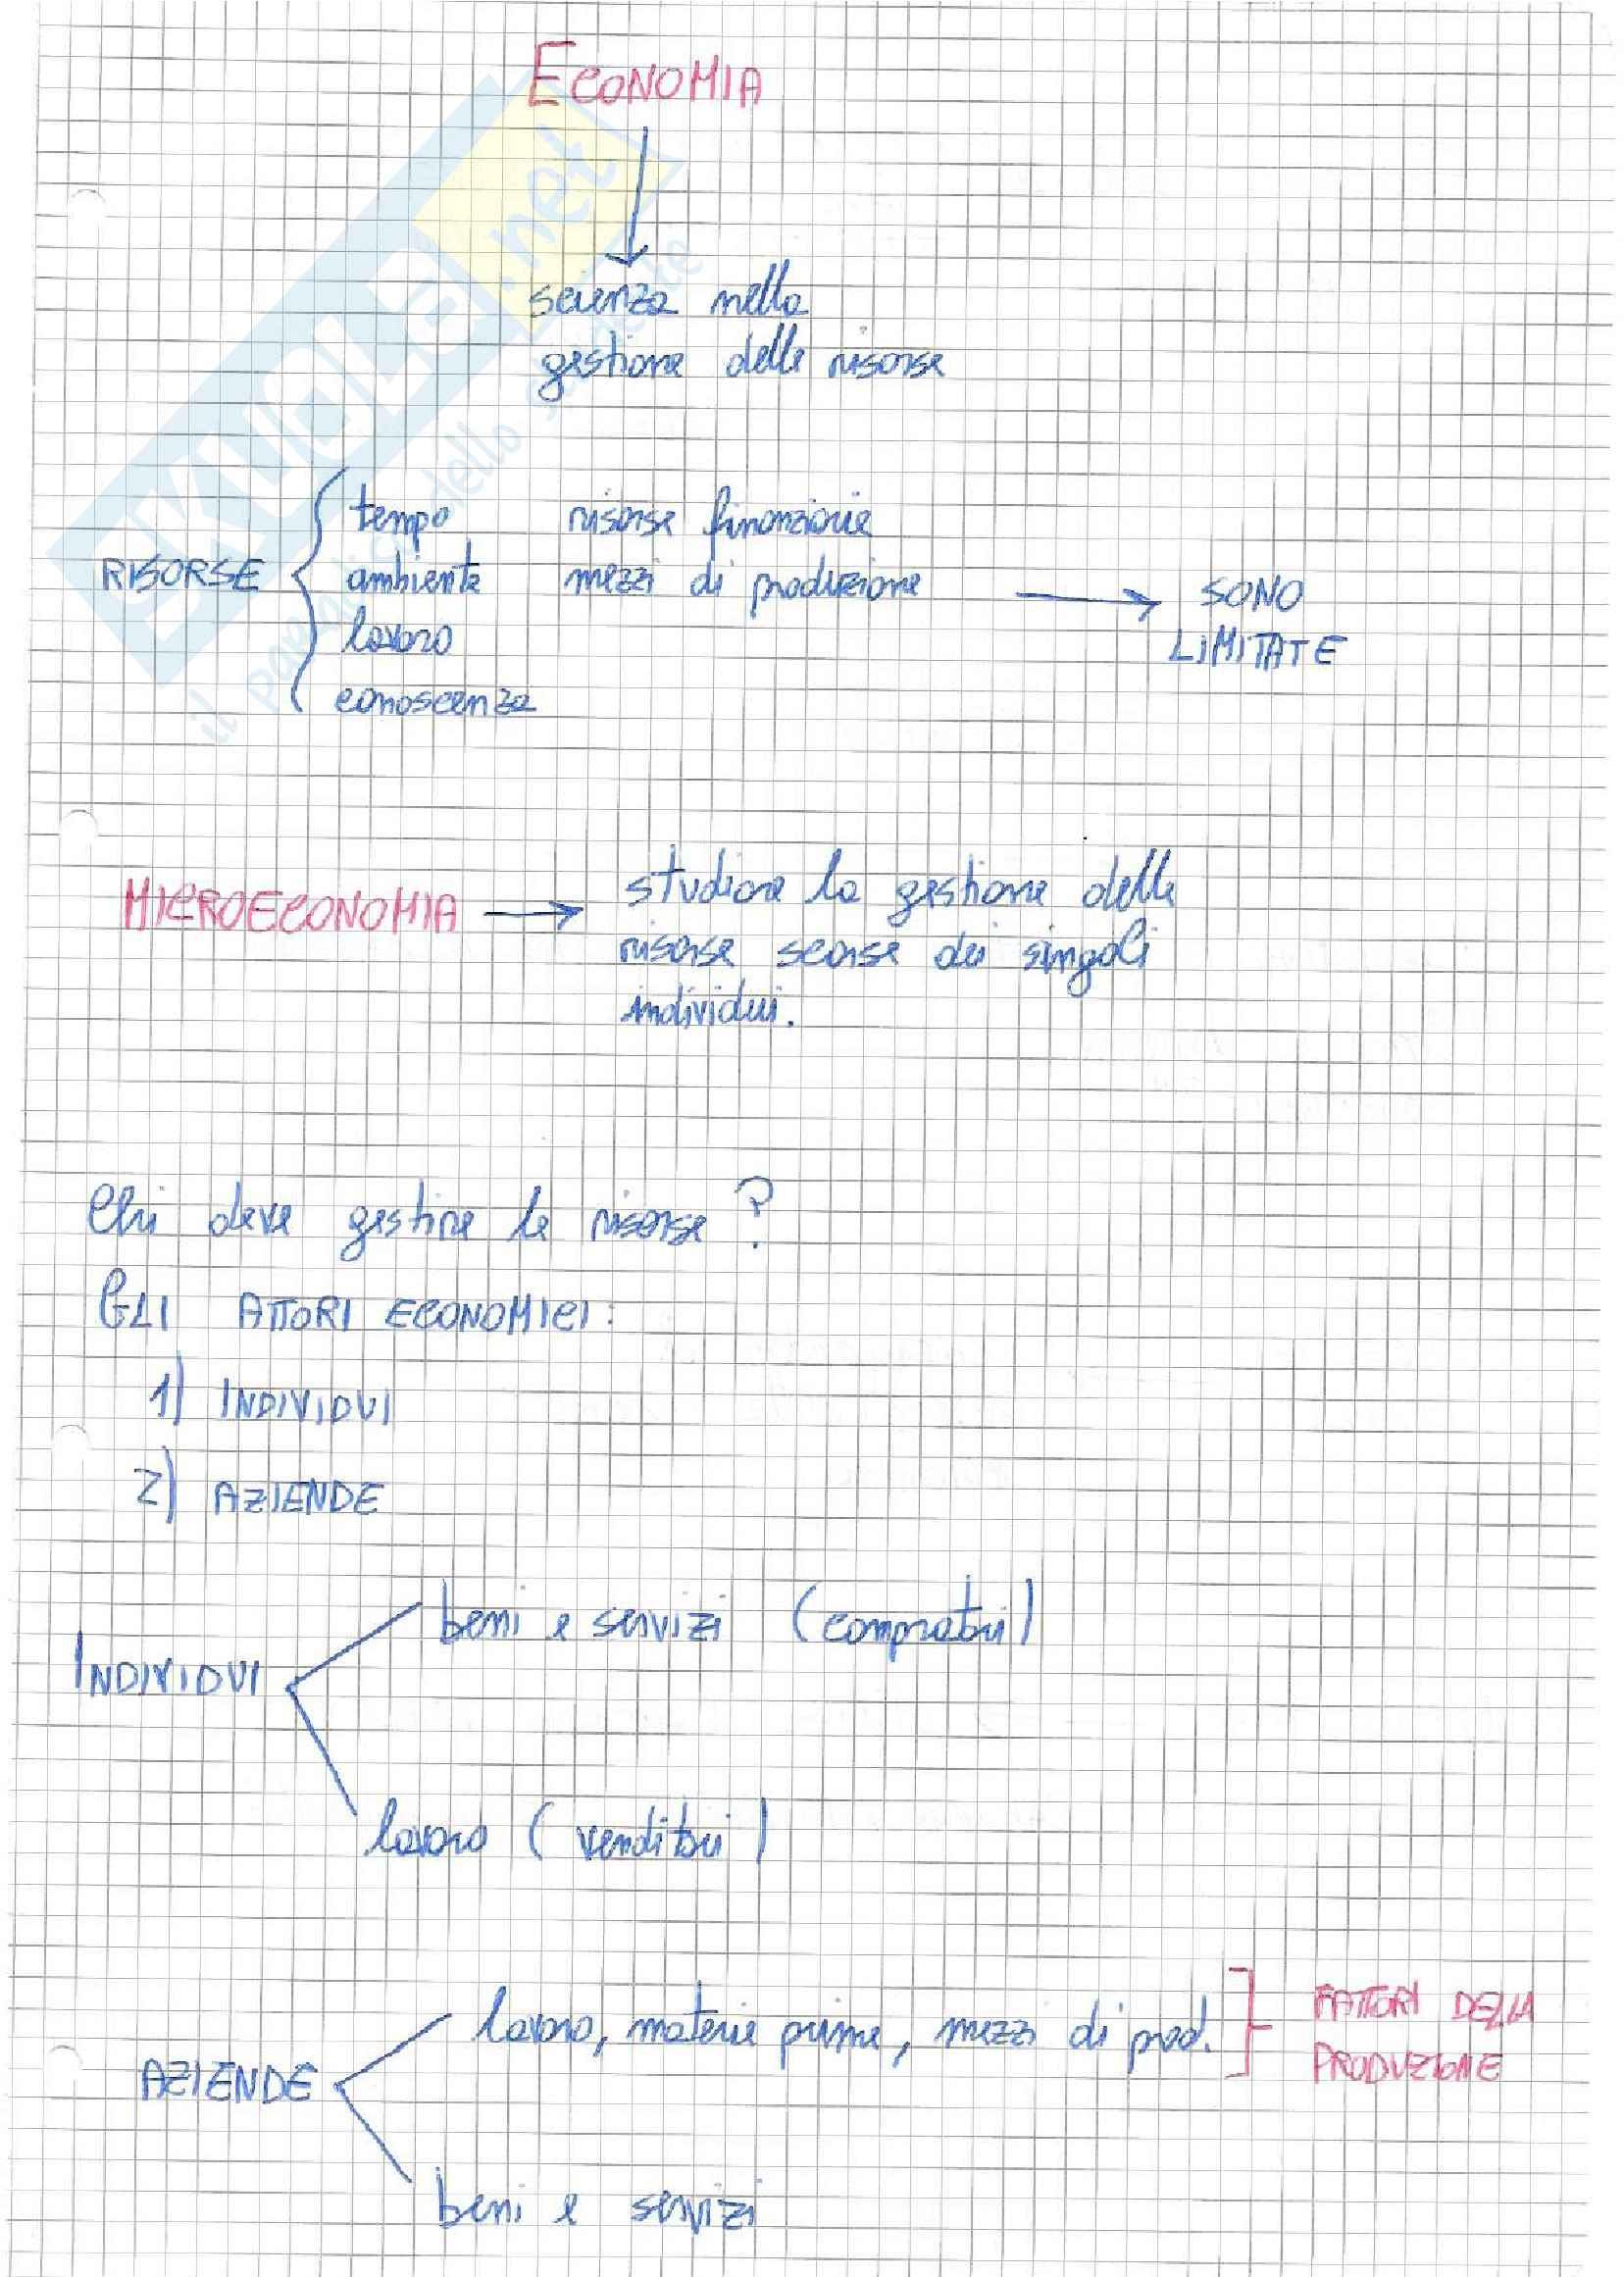 Appunti di economia applicata all'ingegneria